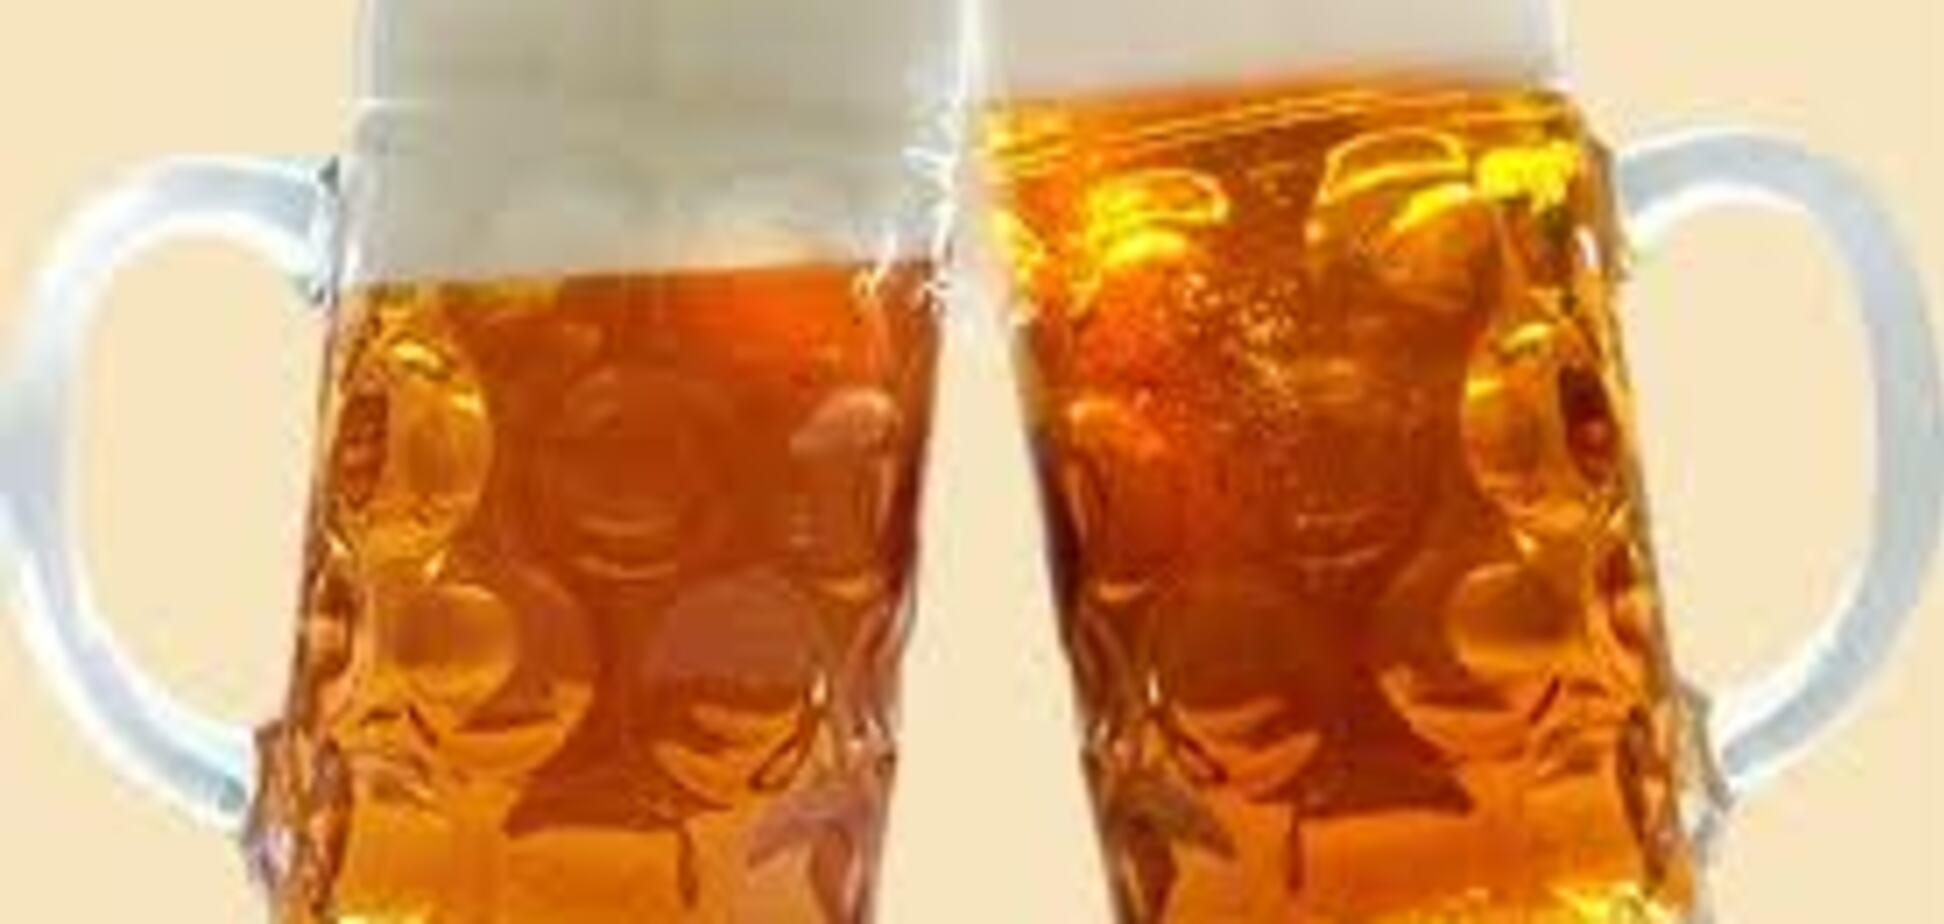 Білоруси відмовилися від українського пива